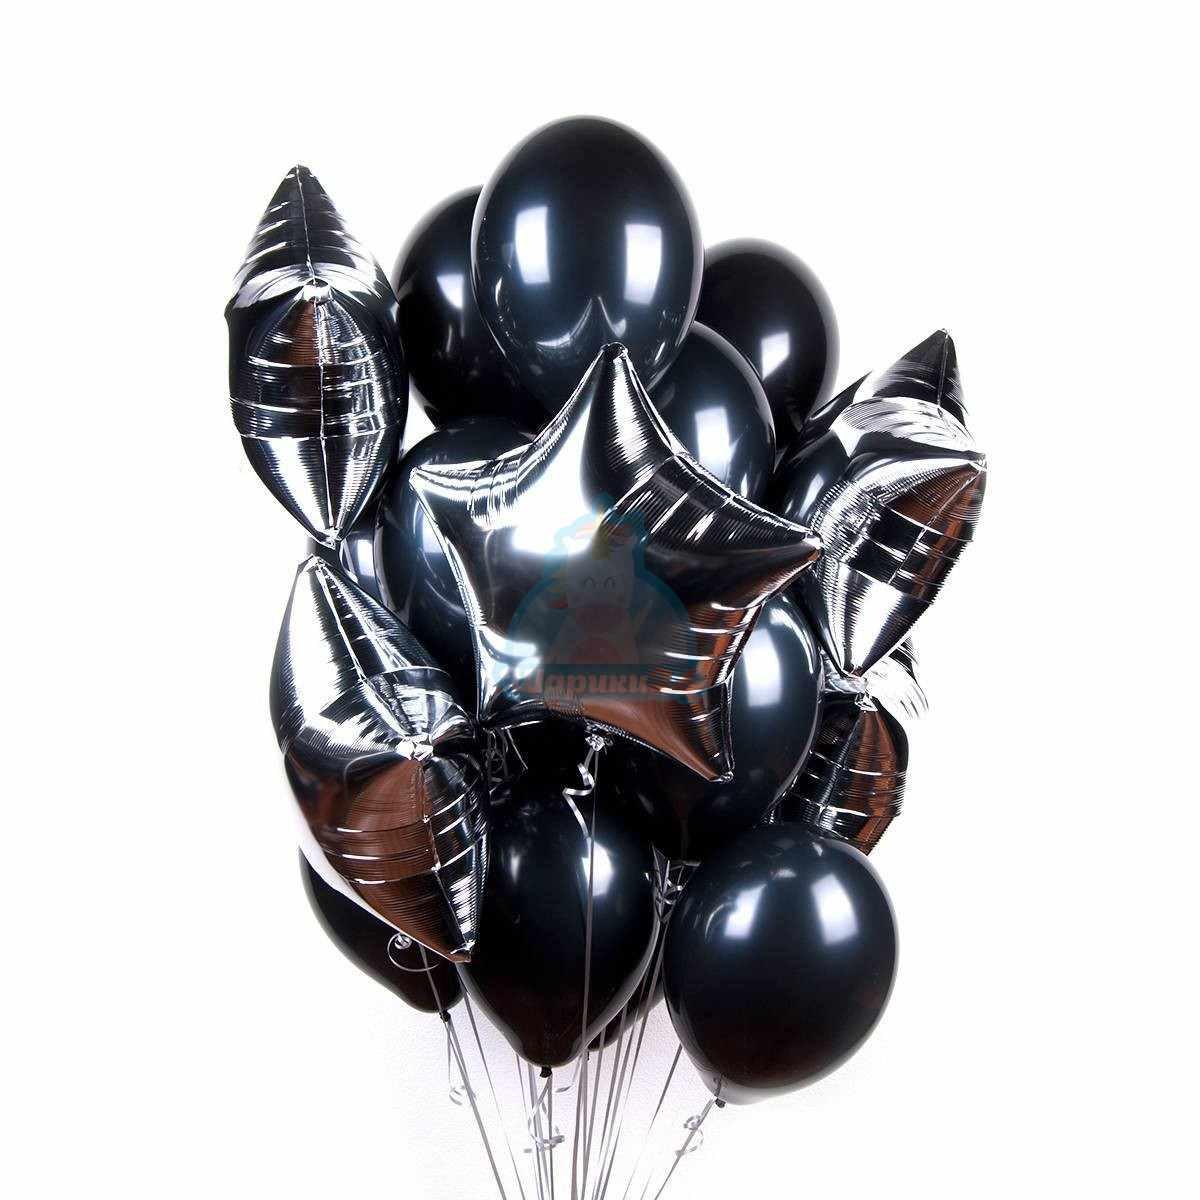 Облако черных шариков со звездами фото в интернет-магазине Шарики 24